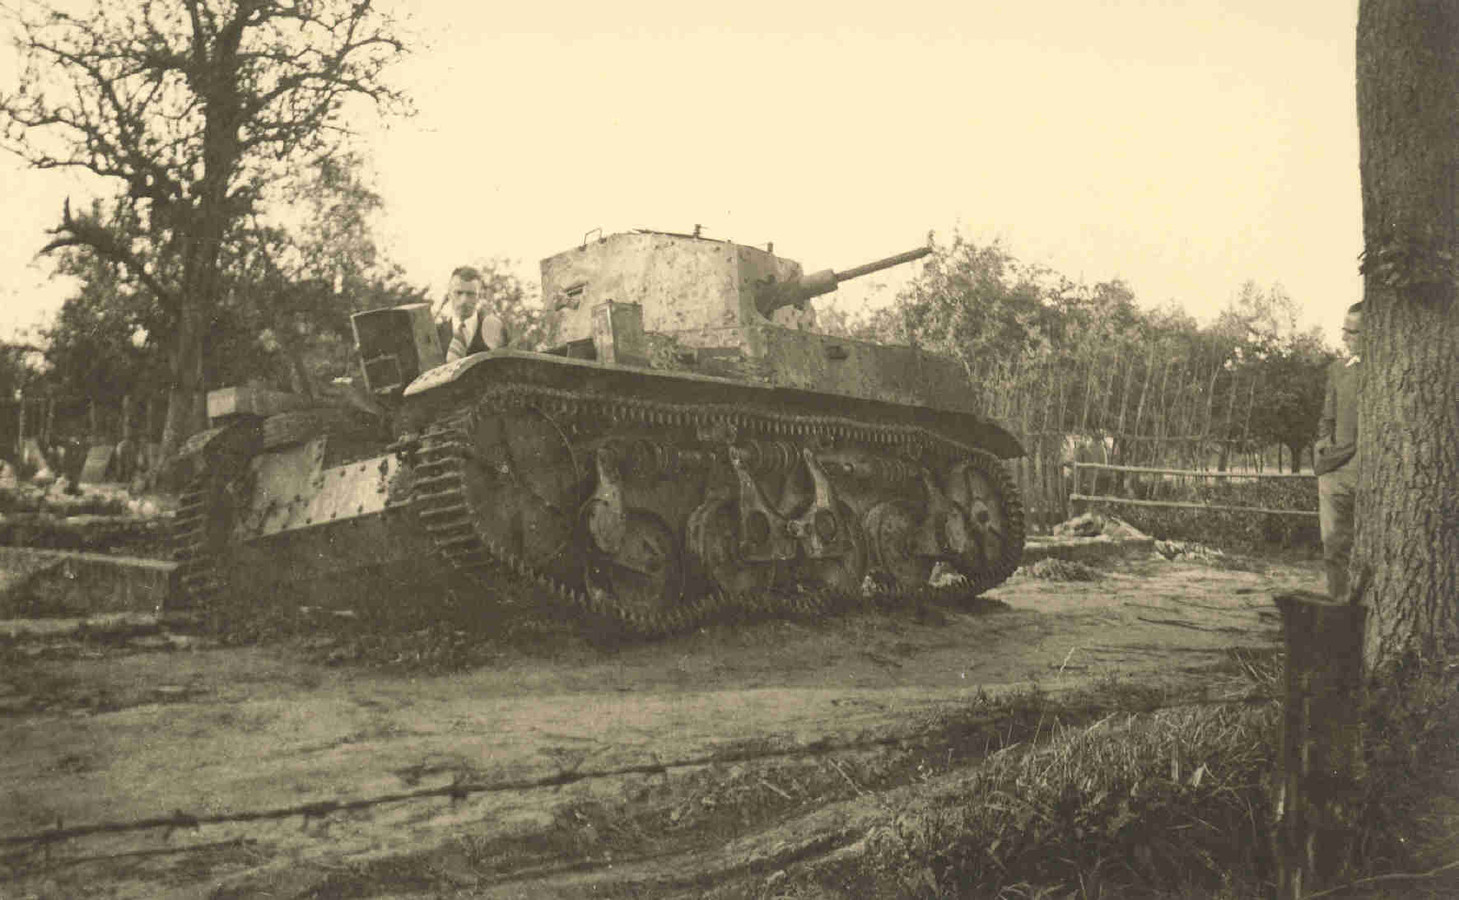 De kapotte Franse tank zoals die bij een boerderij in Diessen werd achtergelaten. En het graf zoals dat in 1940 werd aangelegd voor de gesneuvelde soldaten.